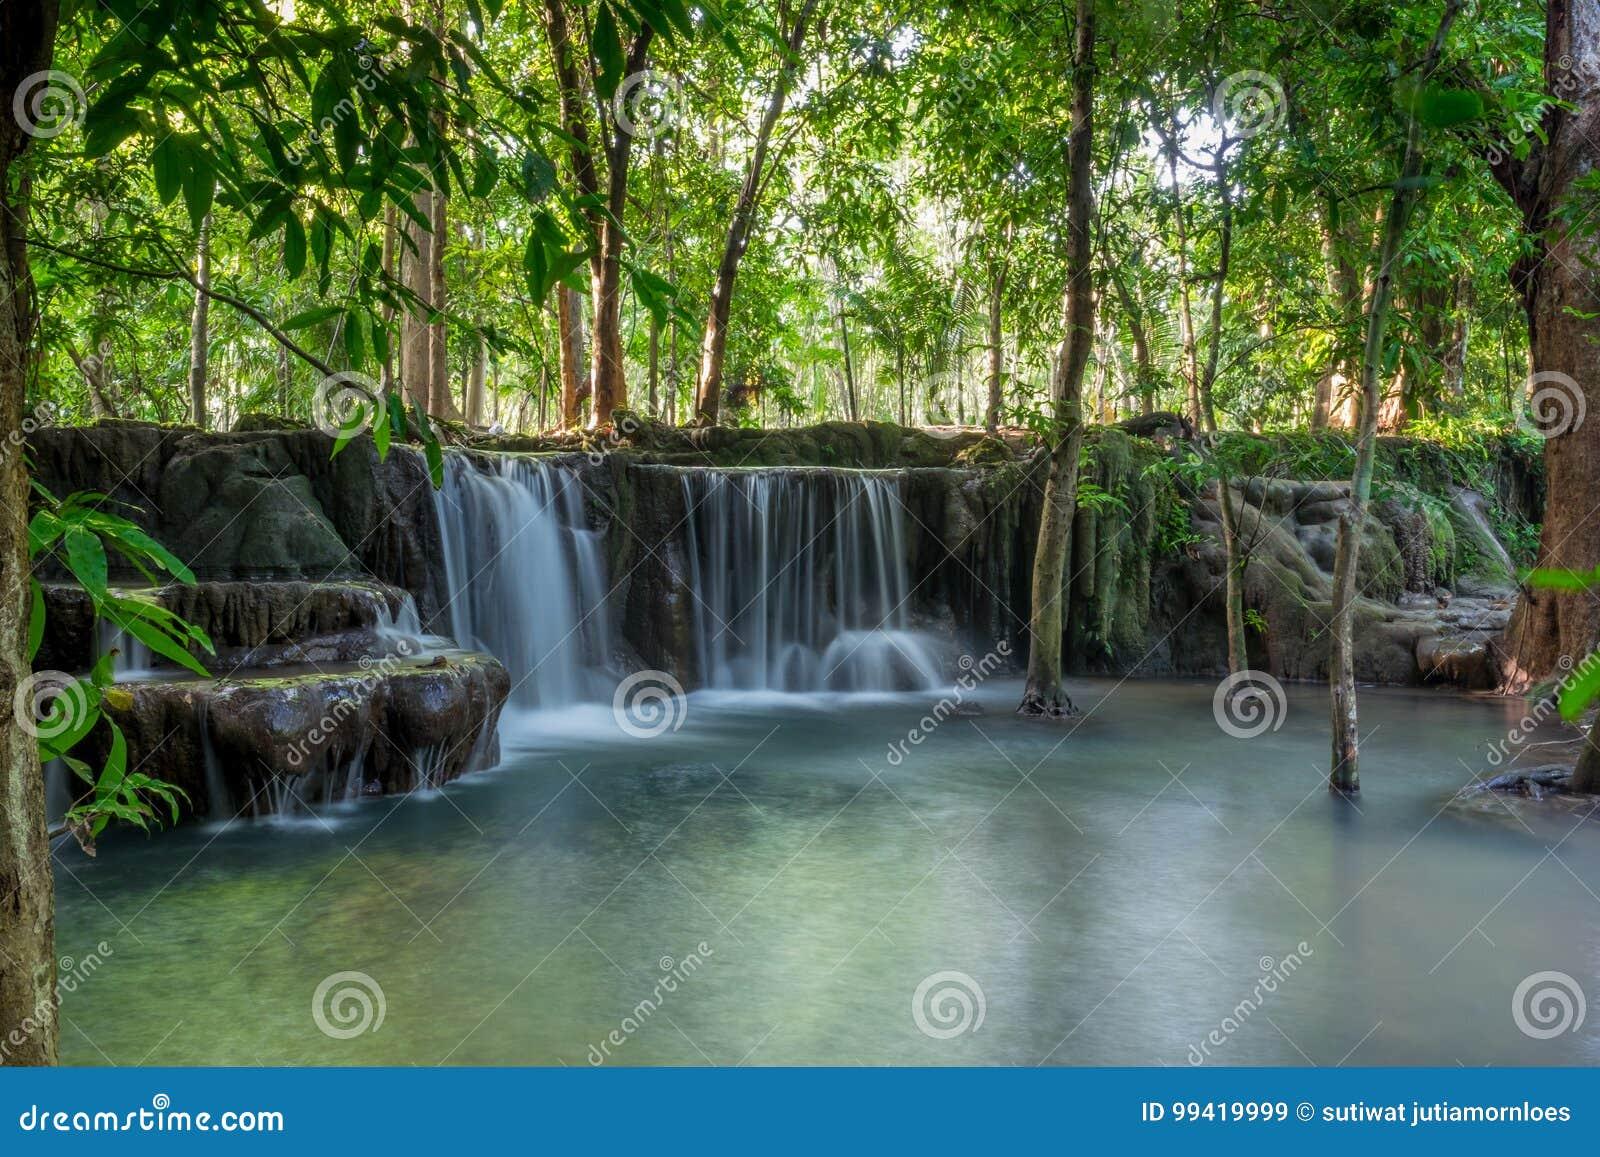 Piękne małe siklawy chować w tropikalnej dżungli Tajlandia